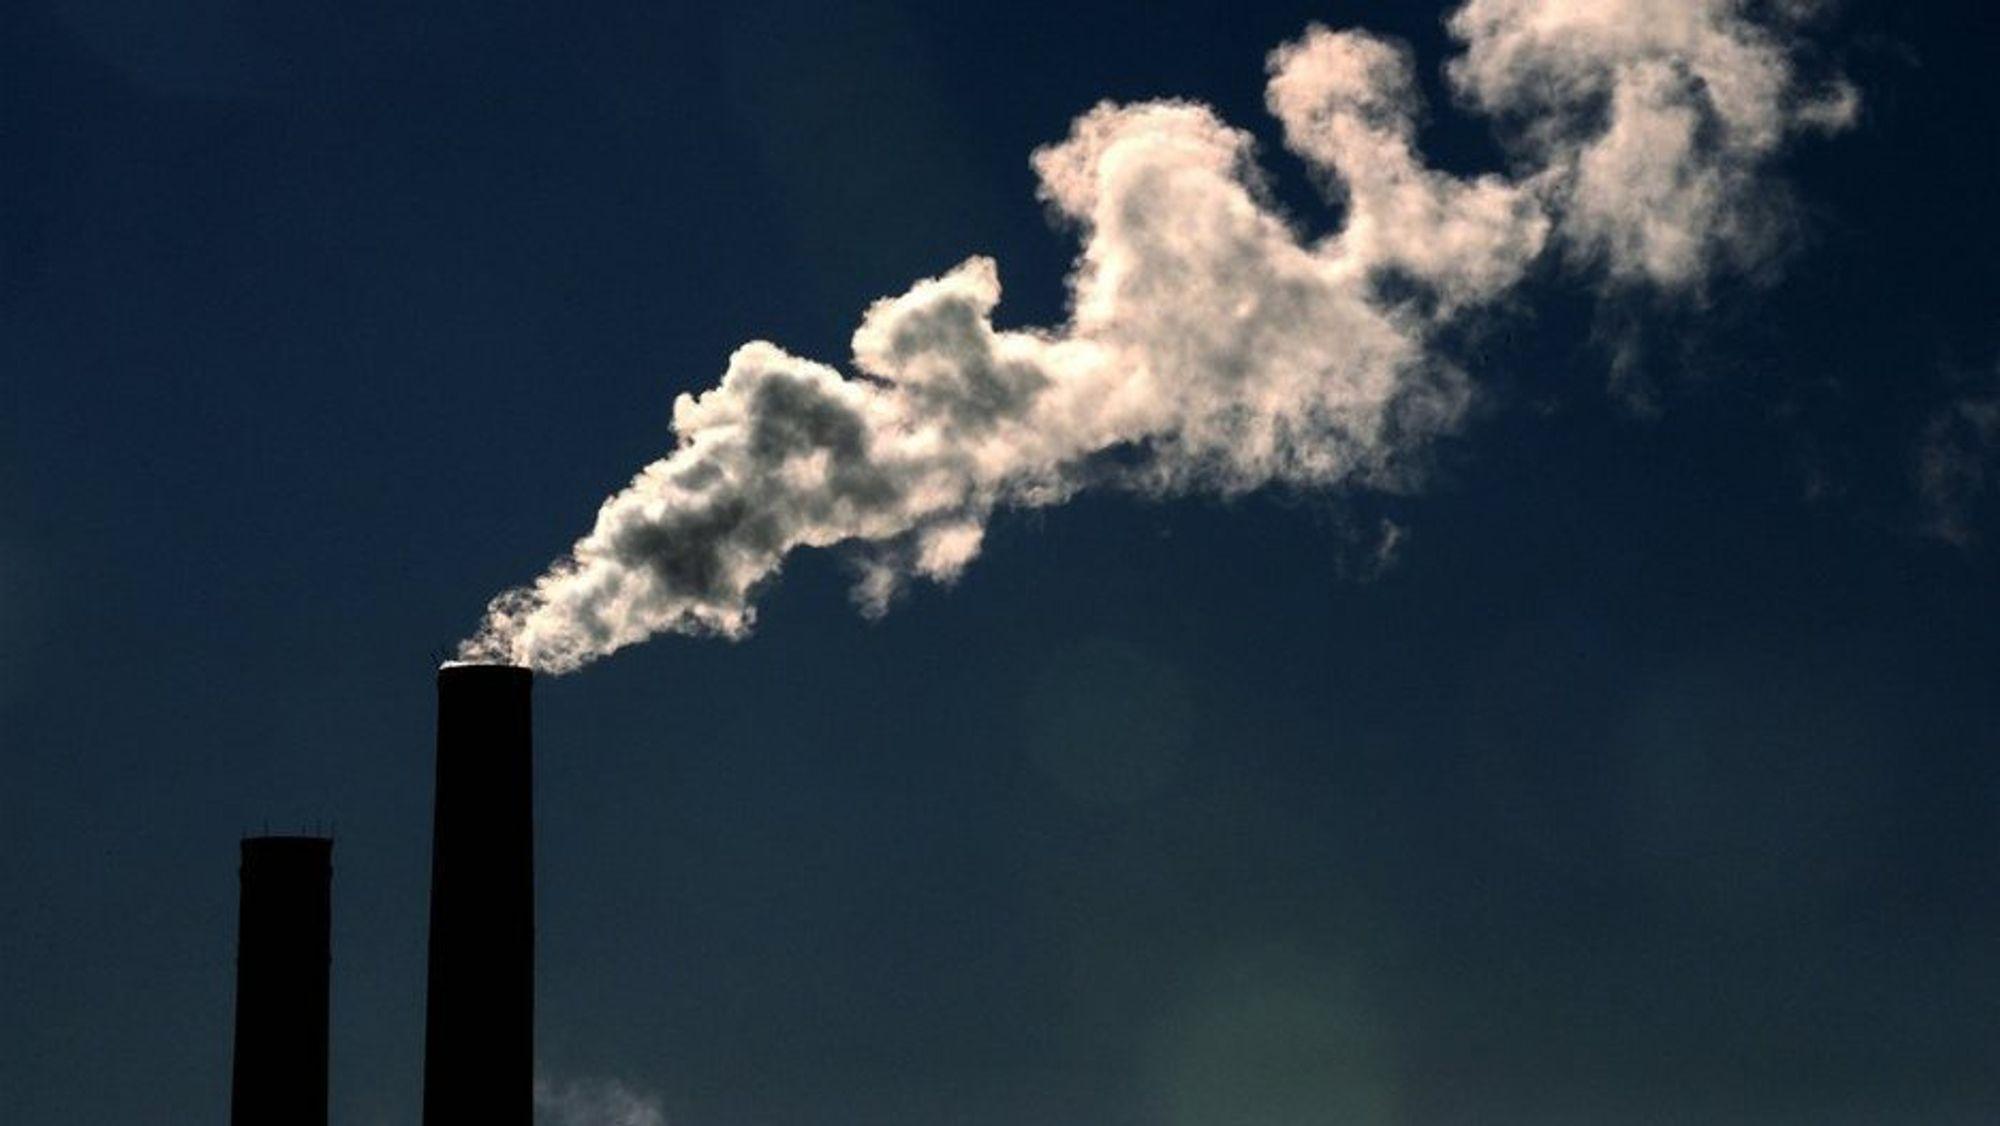 Metan er en drivhusgass, og stammer blant annet fra våtmarksområder, fra husdyr og fra kull- og gassproduksjon.